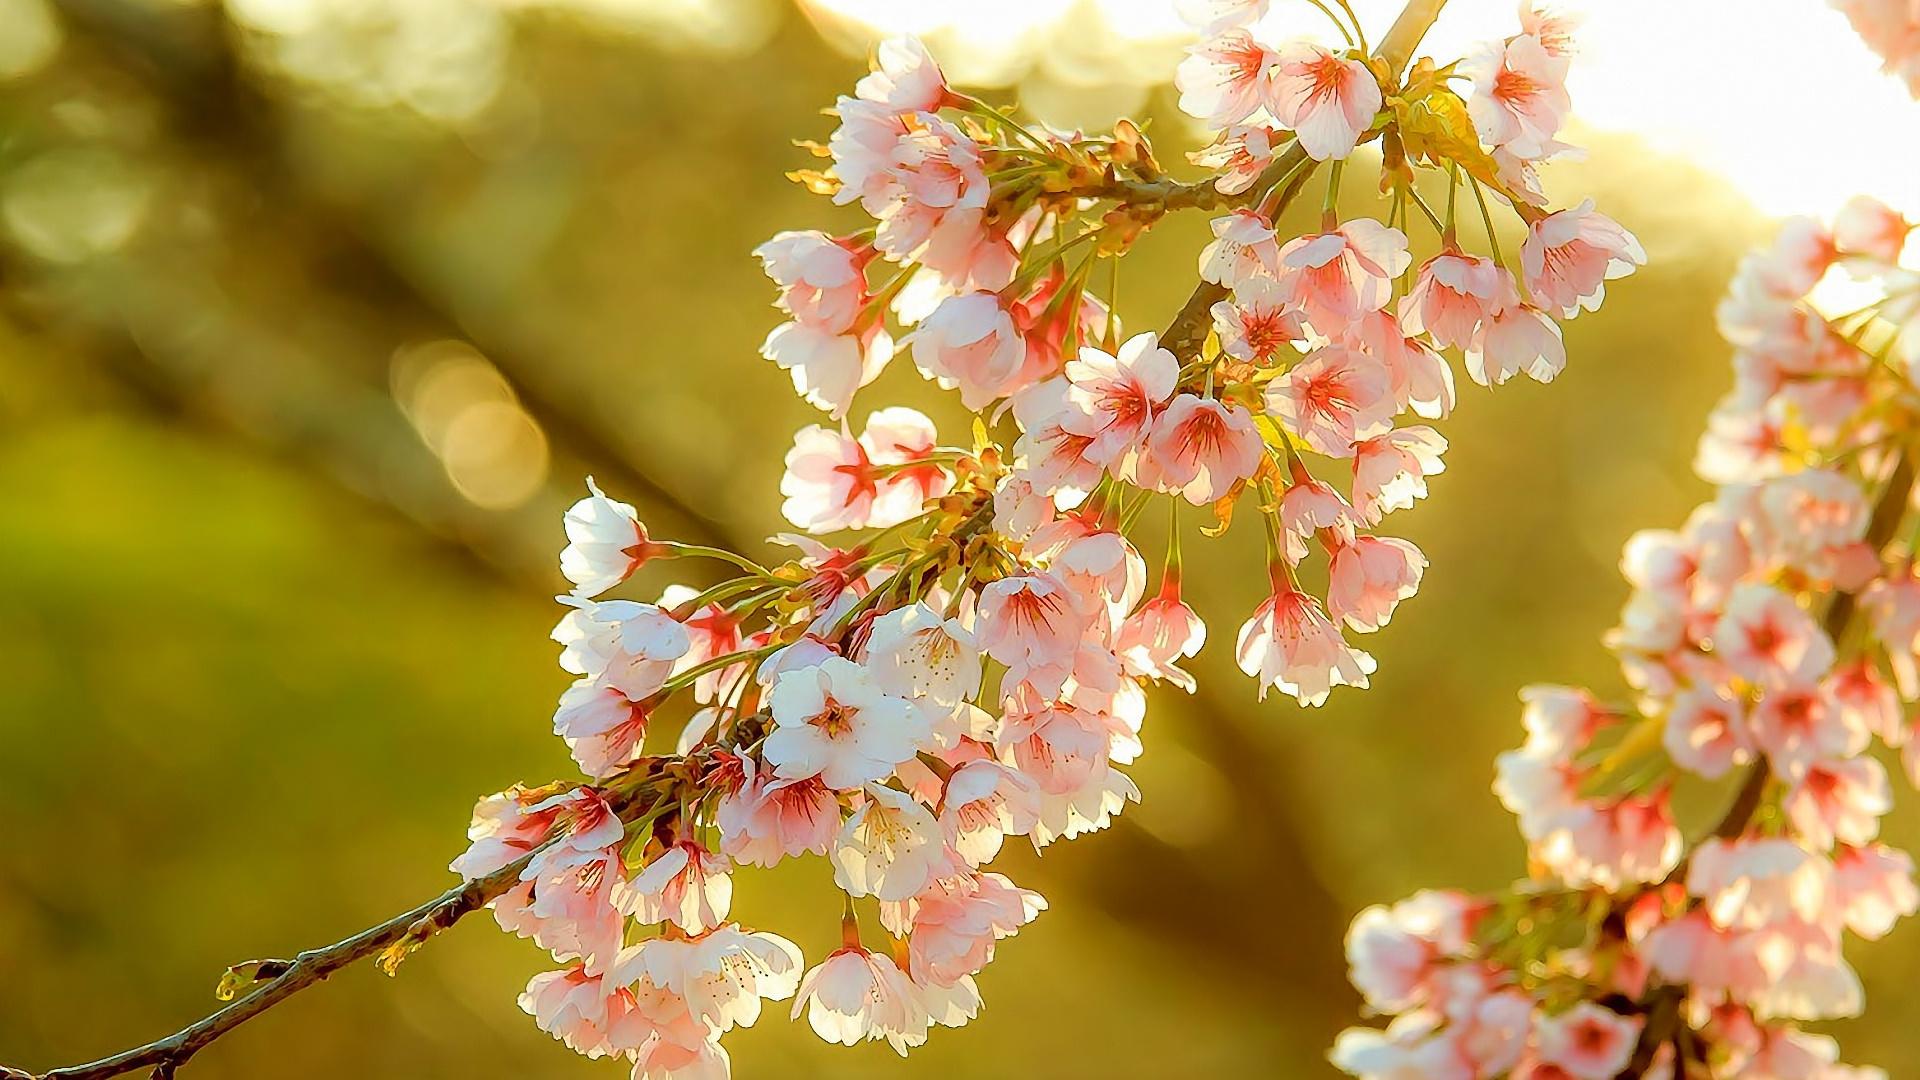 Красивая открытка природы солнце весна